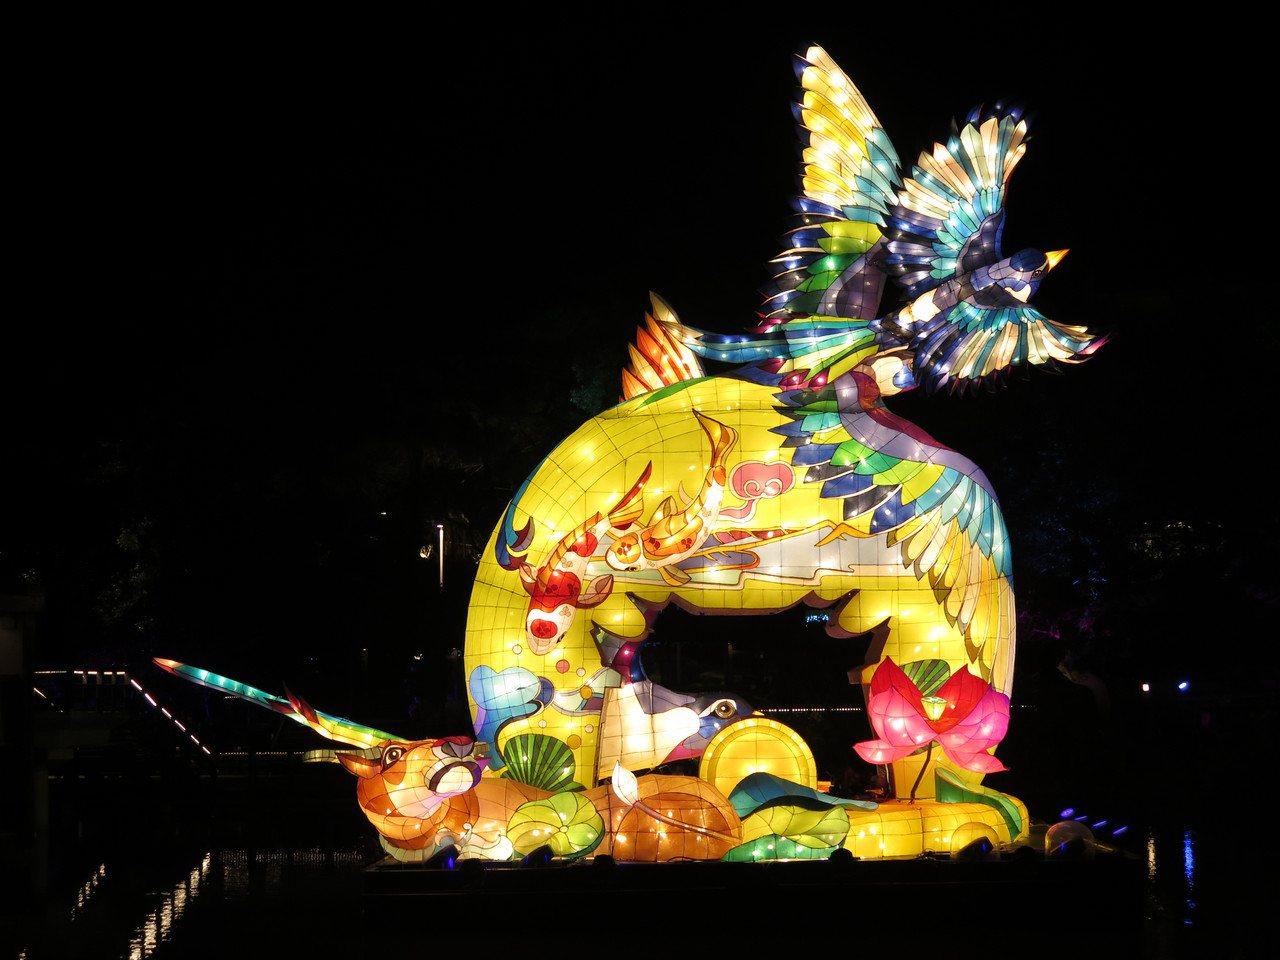 新竹光臨藝術節第二彈「科技未來」展期,最受矚目的展品之一是坐落新竹公園麗池池畔的...